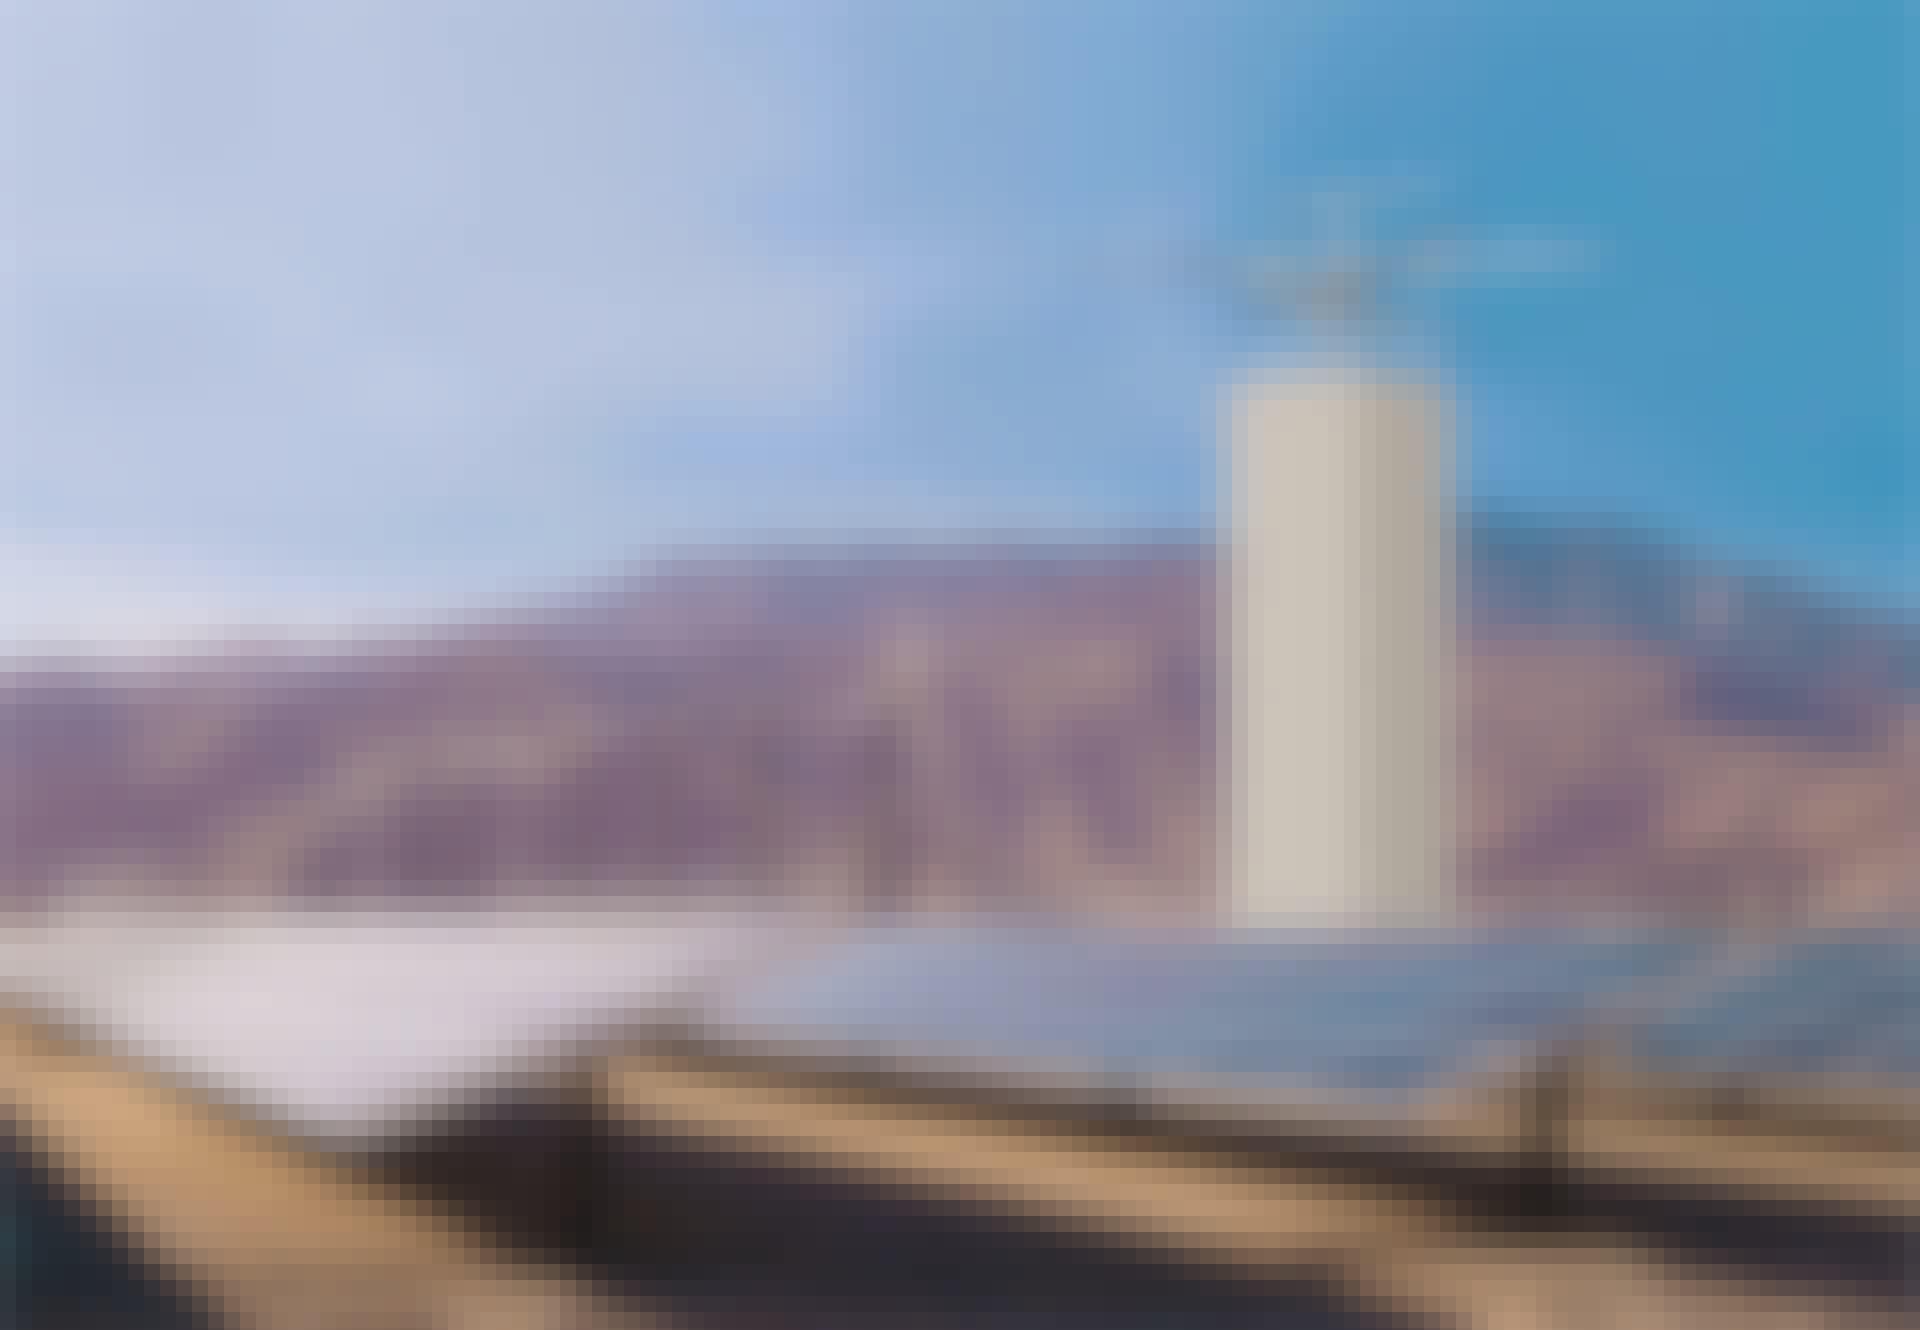 Illustration over Energy Vaults nye energilager - et tårn af betonklodser, der lagrer energi ved at blive bygget op brudt ned igen.